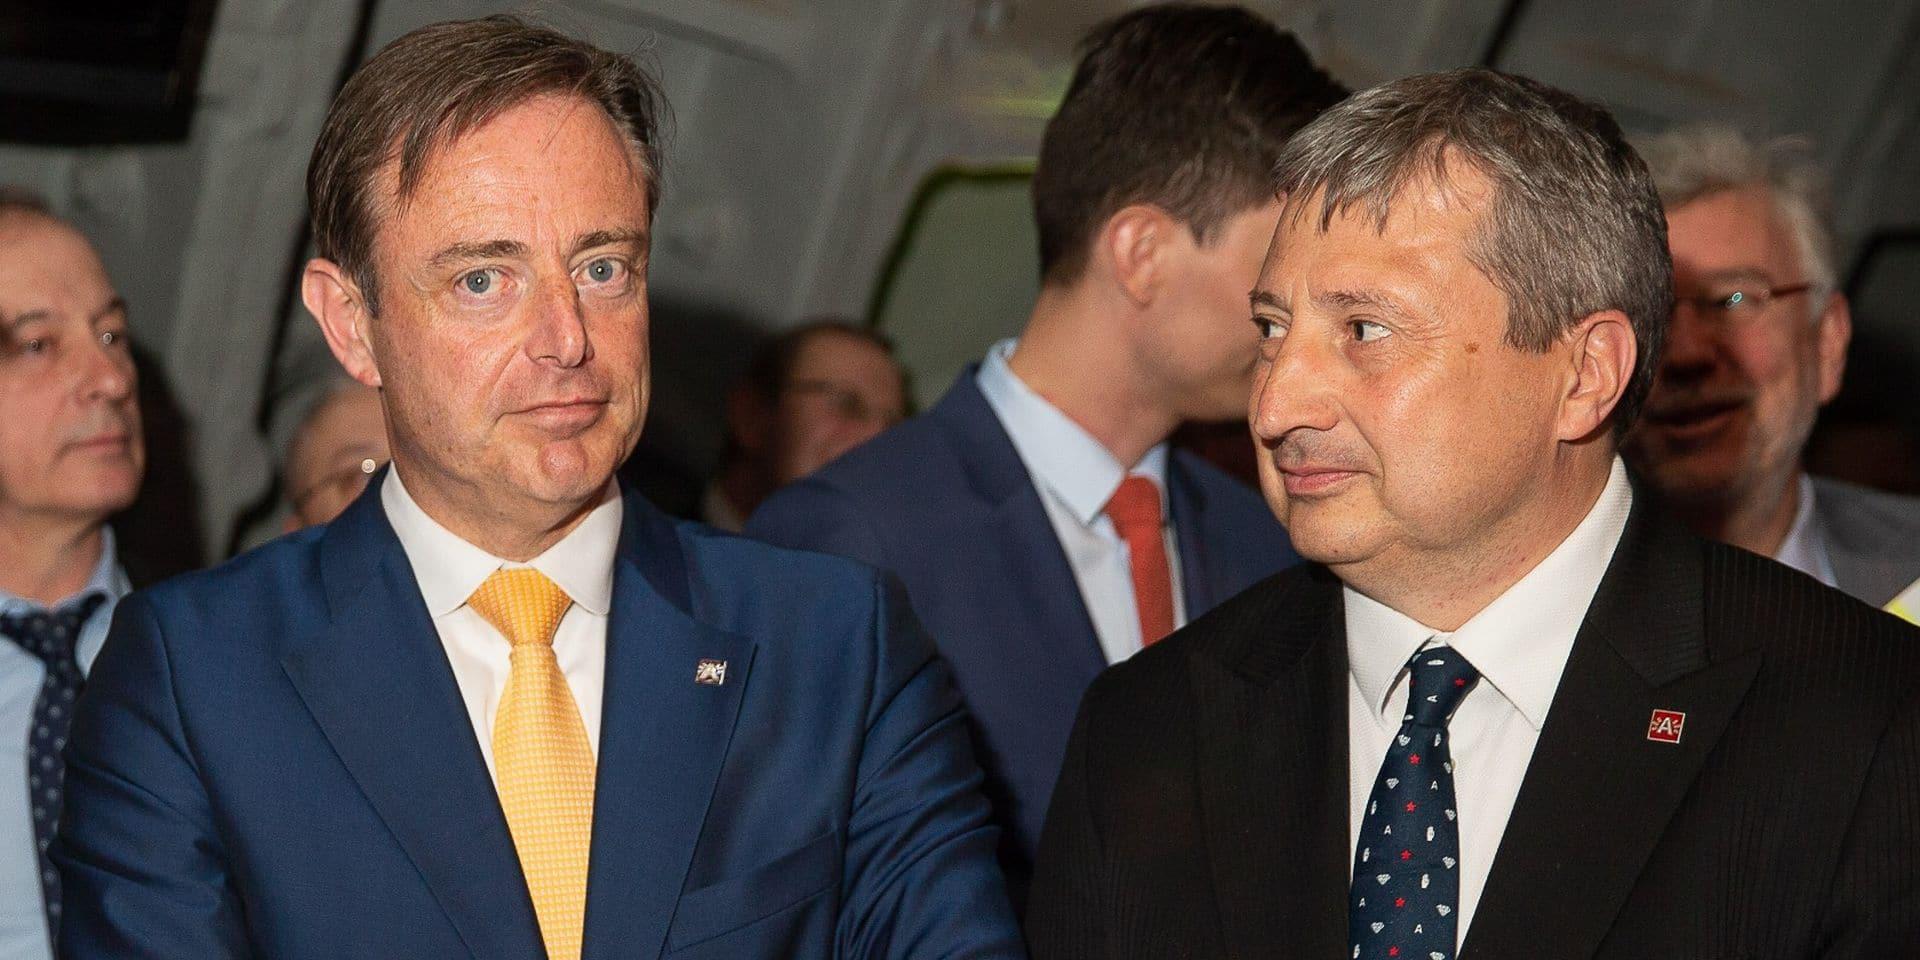 Geen commentaar: De Wever a fini par lâcher son ami l'échevin alcoolique